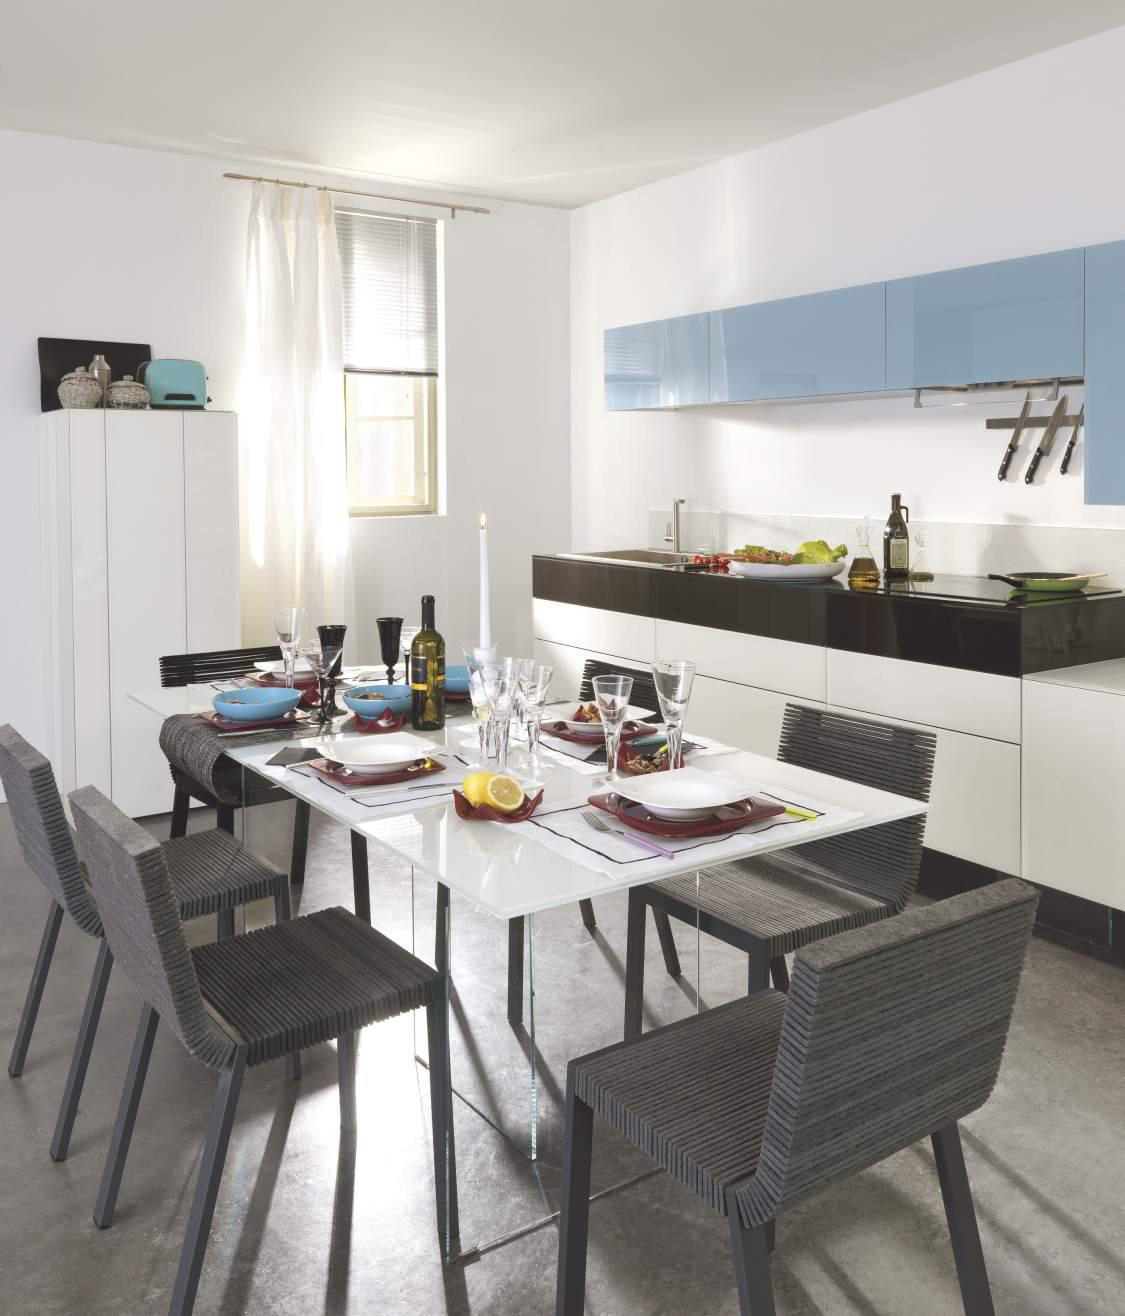 AIR_KITCHEN - Kücheninseln von LAGO   Architonic